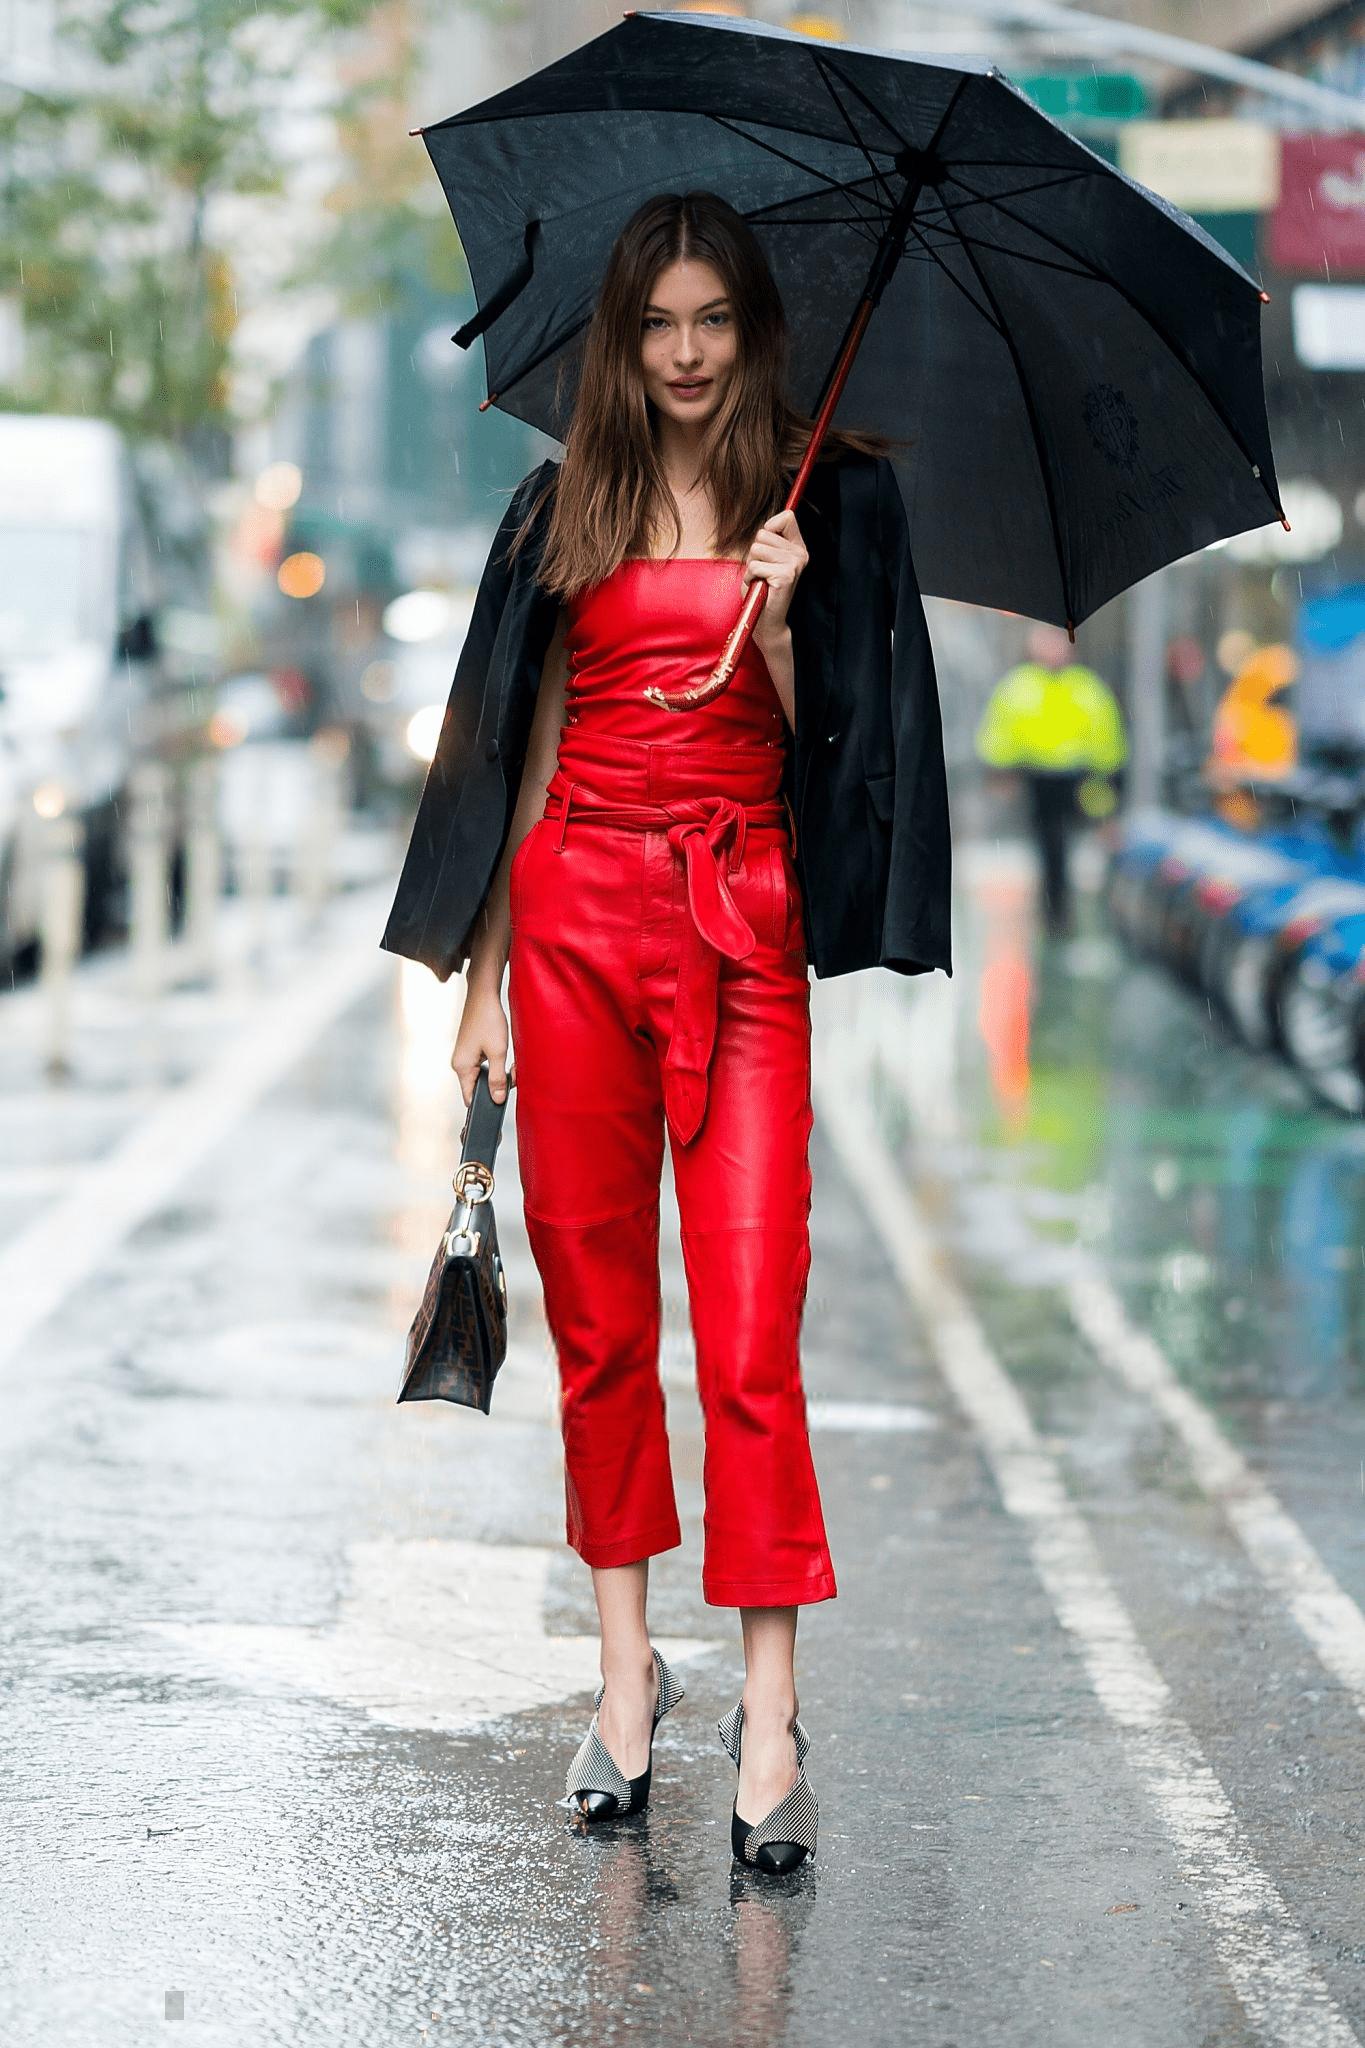 Thiên thần Victoria's Secret Grace Elizabeth diện áo, quần paper bag cùng blazer đen và túi xách đen